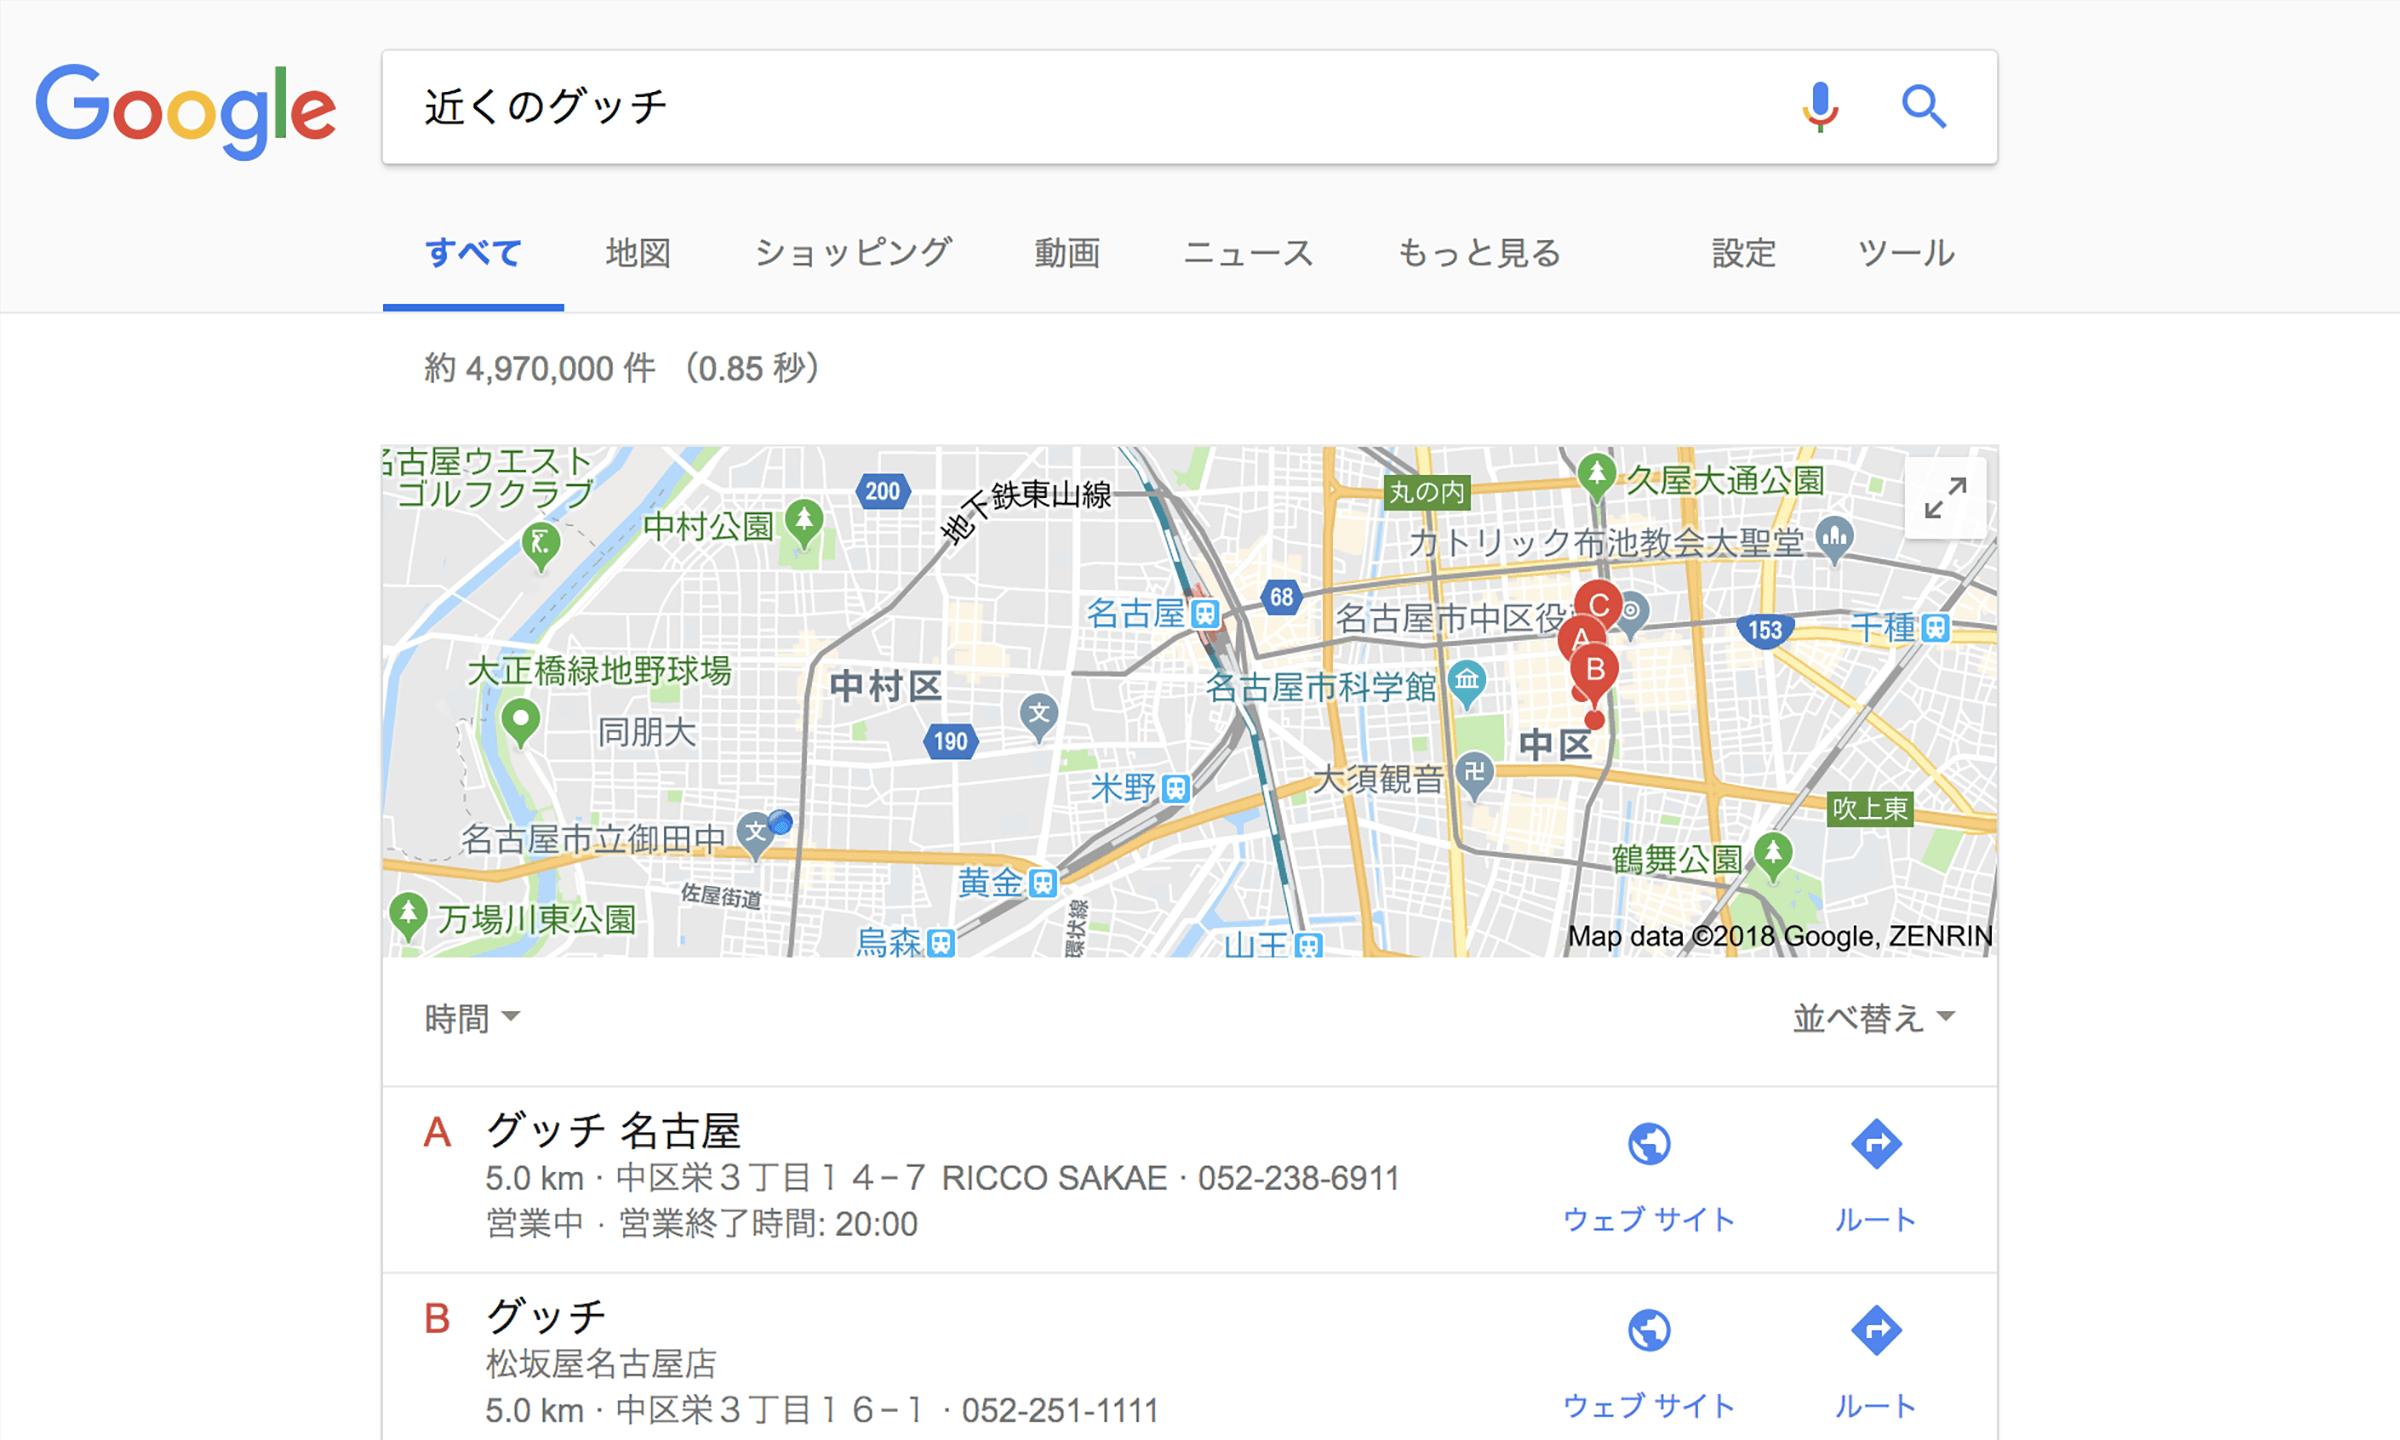 ナビゲーション検索クエリ